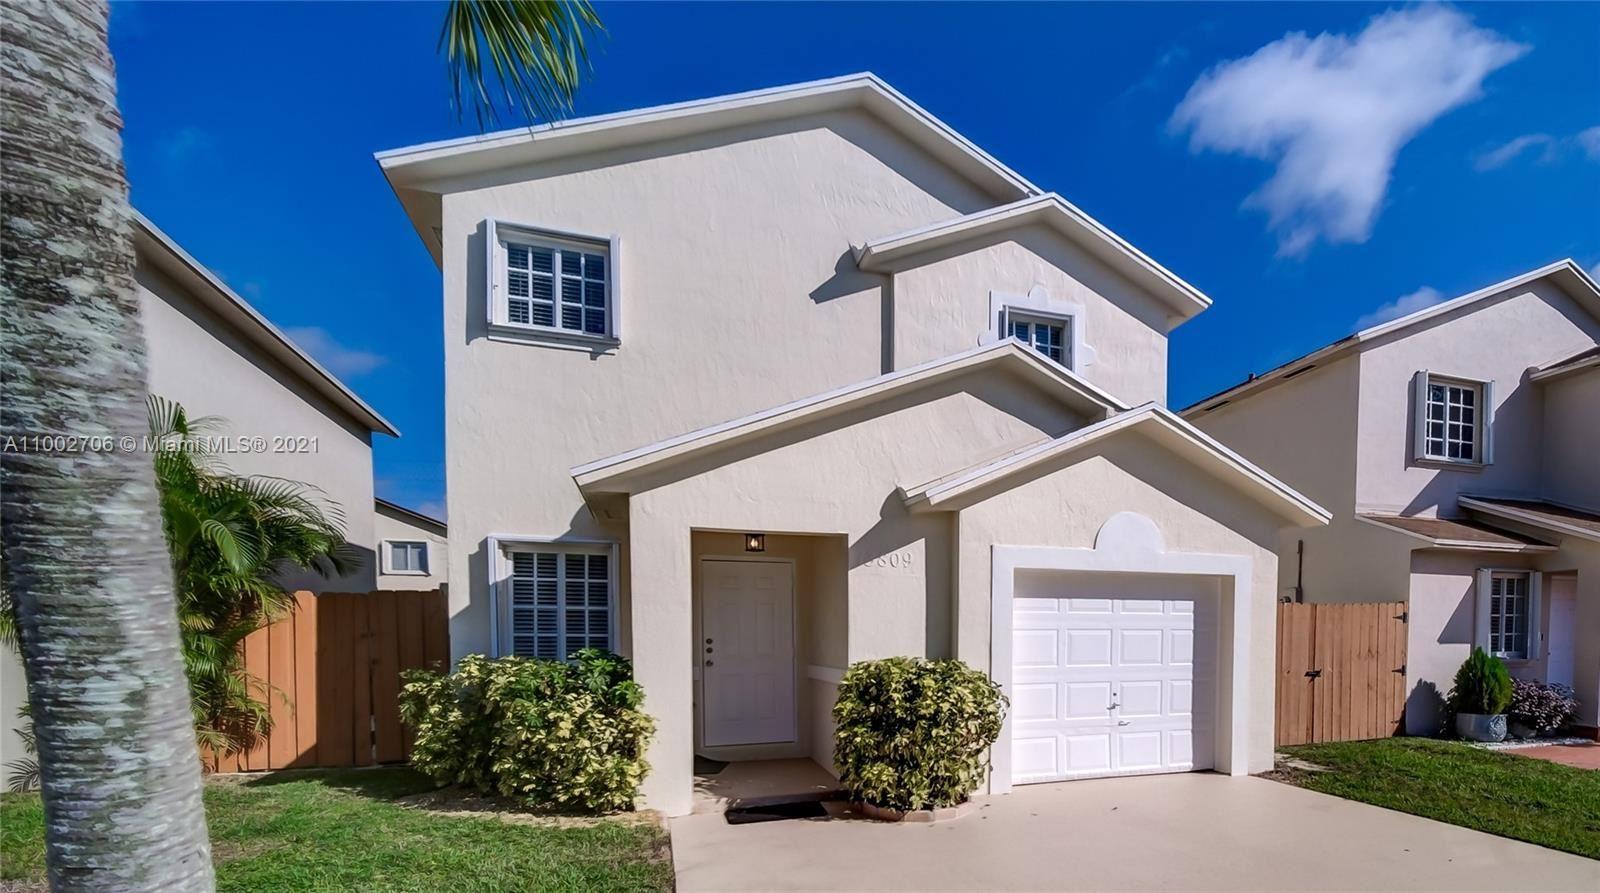 13809 SW 161 Ter, Miami, FL 33177 - #: A11002706